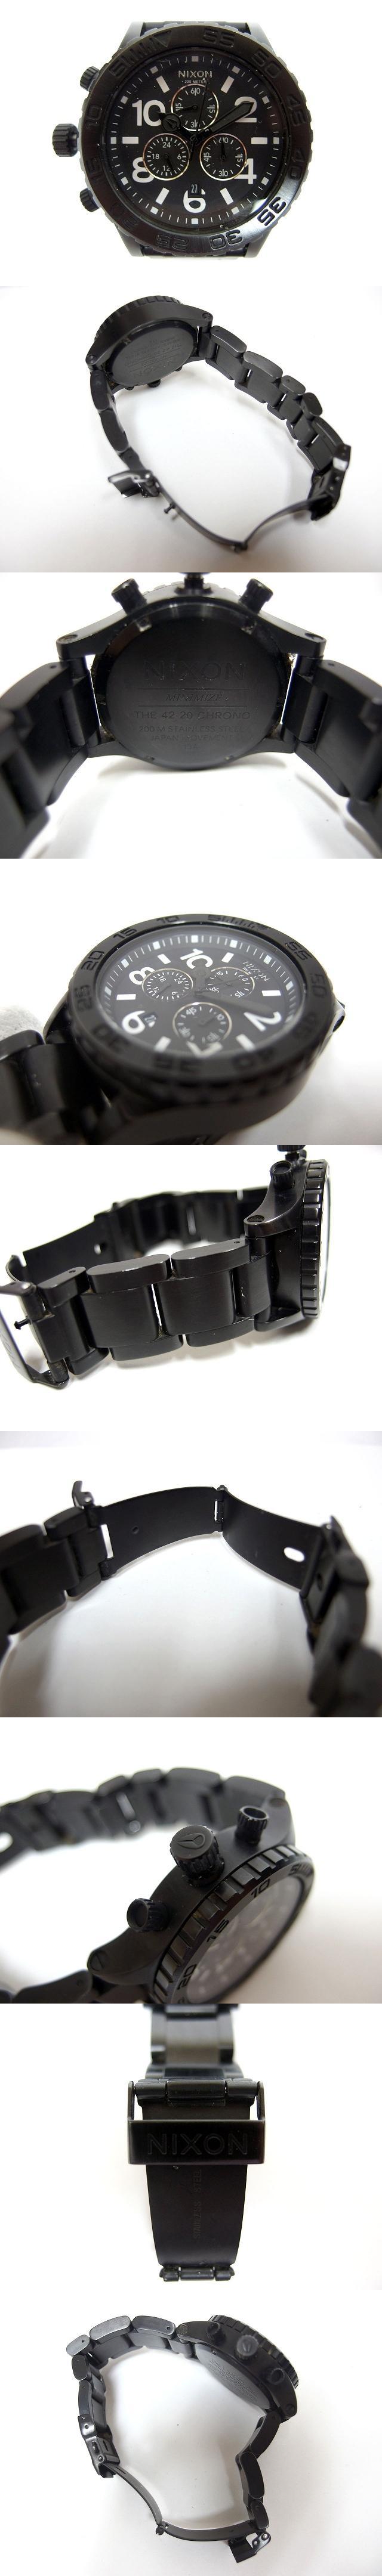 腕時計 THE 42-20 CHRONO ステンレススチール 文字盤黒 ブラック /C